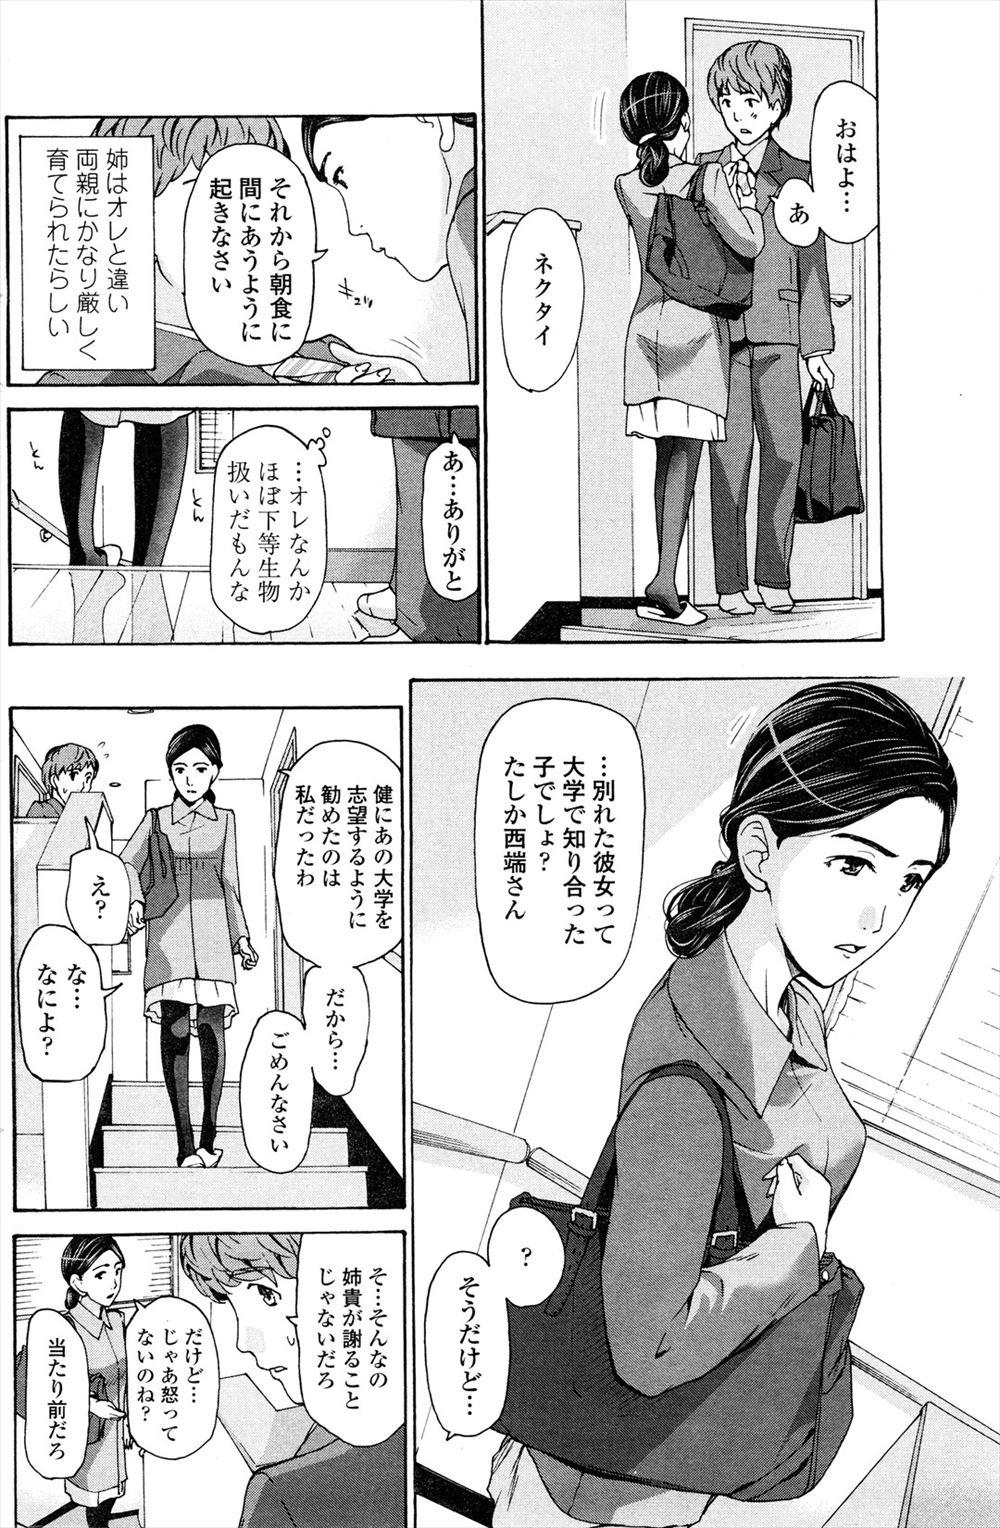 【エロ漫画・エロ同人誌】彼女と別れて実家に帰ったらアラフォーの姉とエッチな関係になったンゴwww (4)